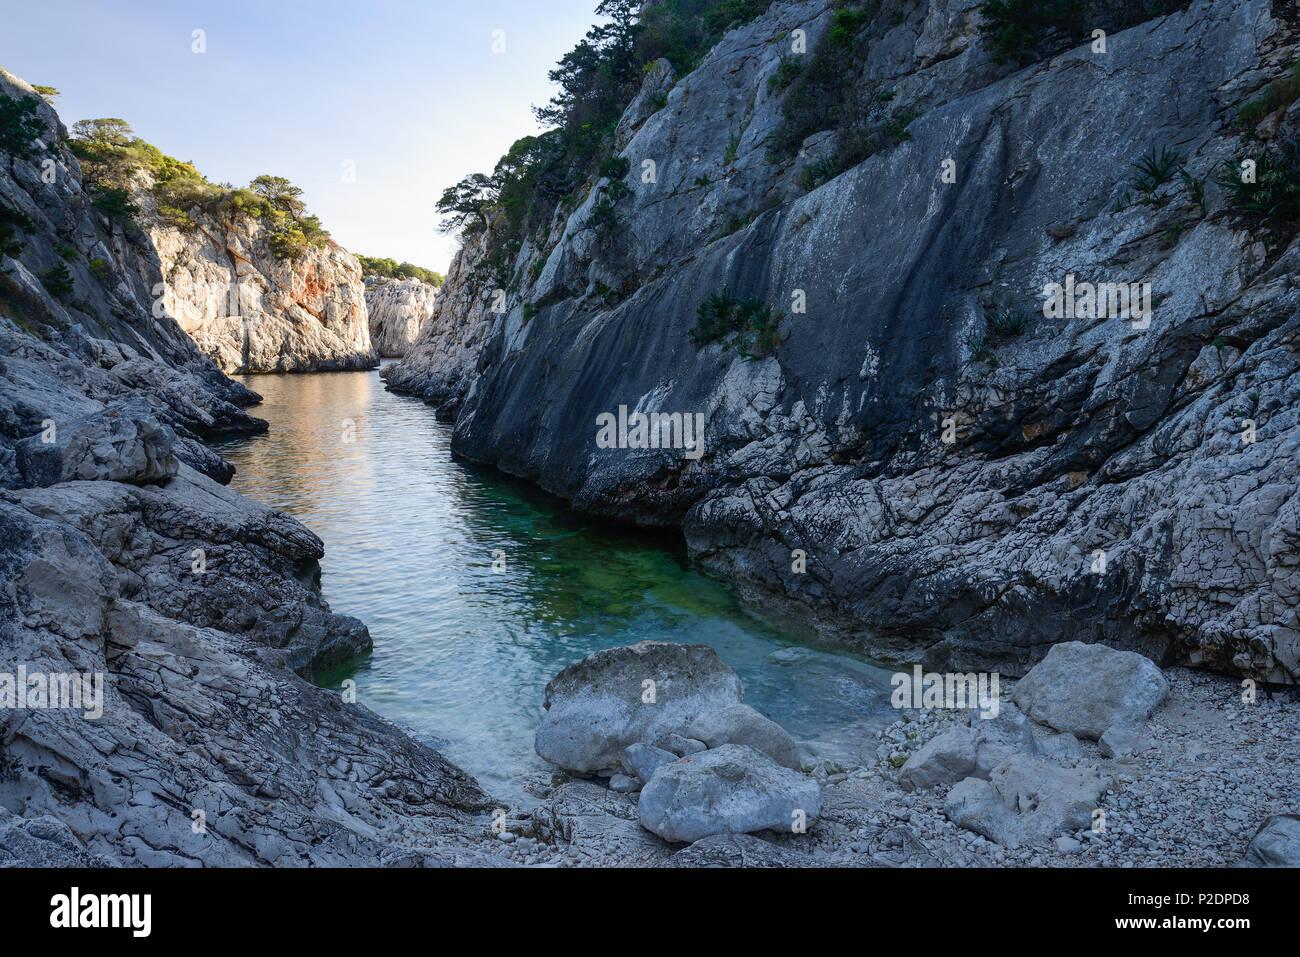 Portu Pedrosu, Porto Pedrosu, Selvaggio Blu, Sardinia, Italy, Europe - Stock Image